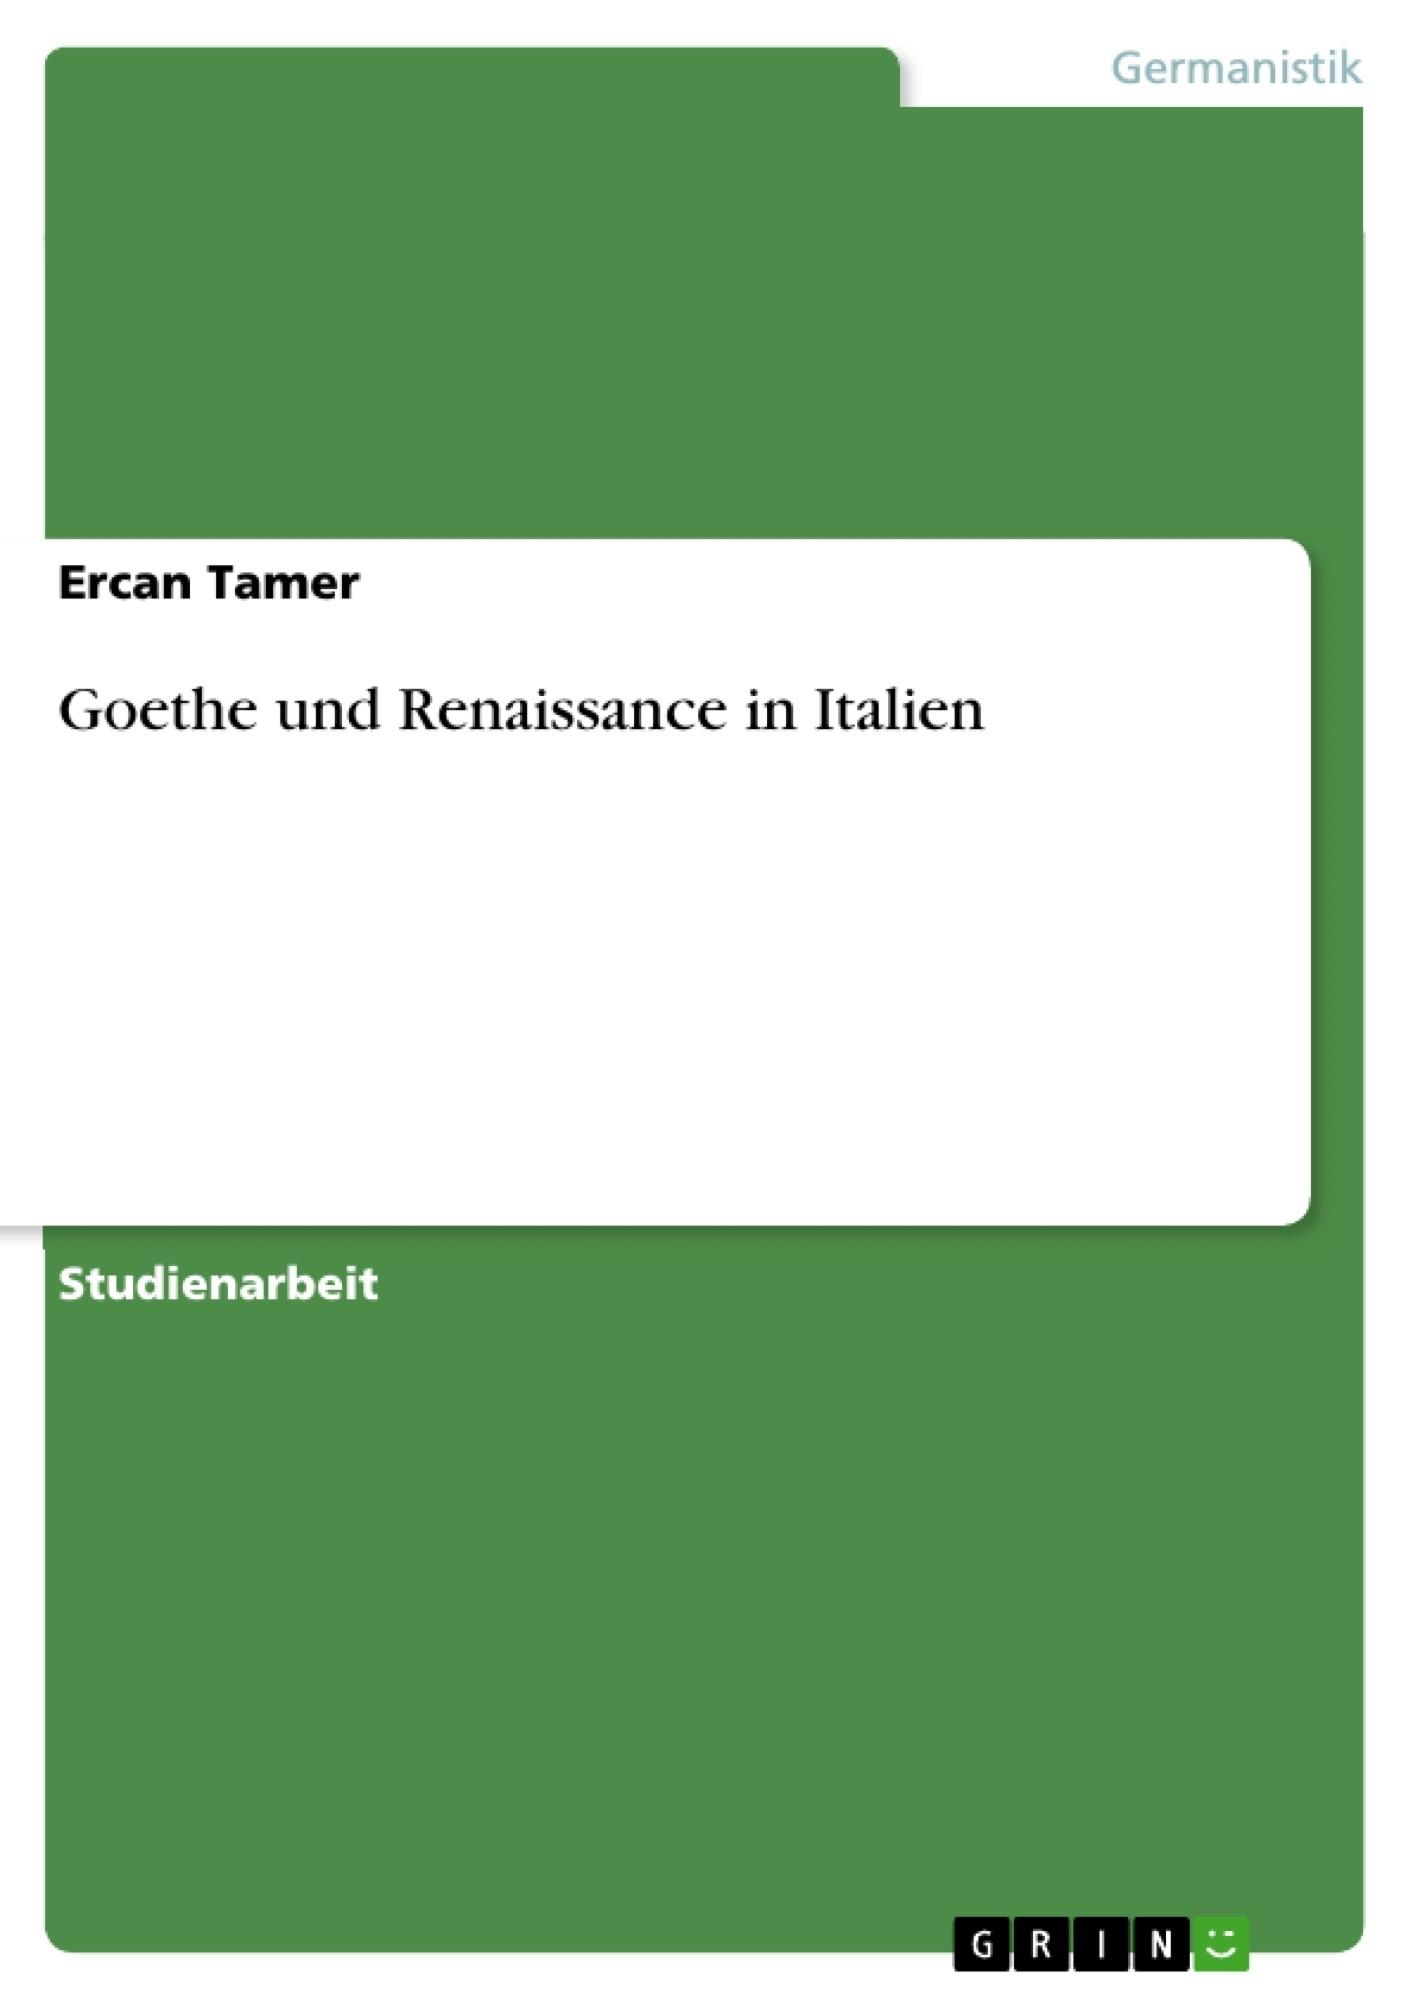 Titel: Goethe und Renaissance in Italien